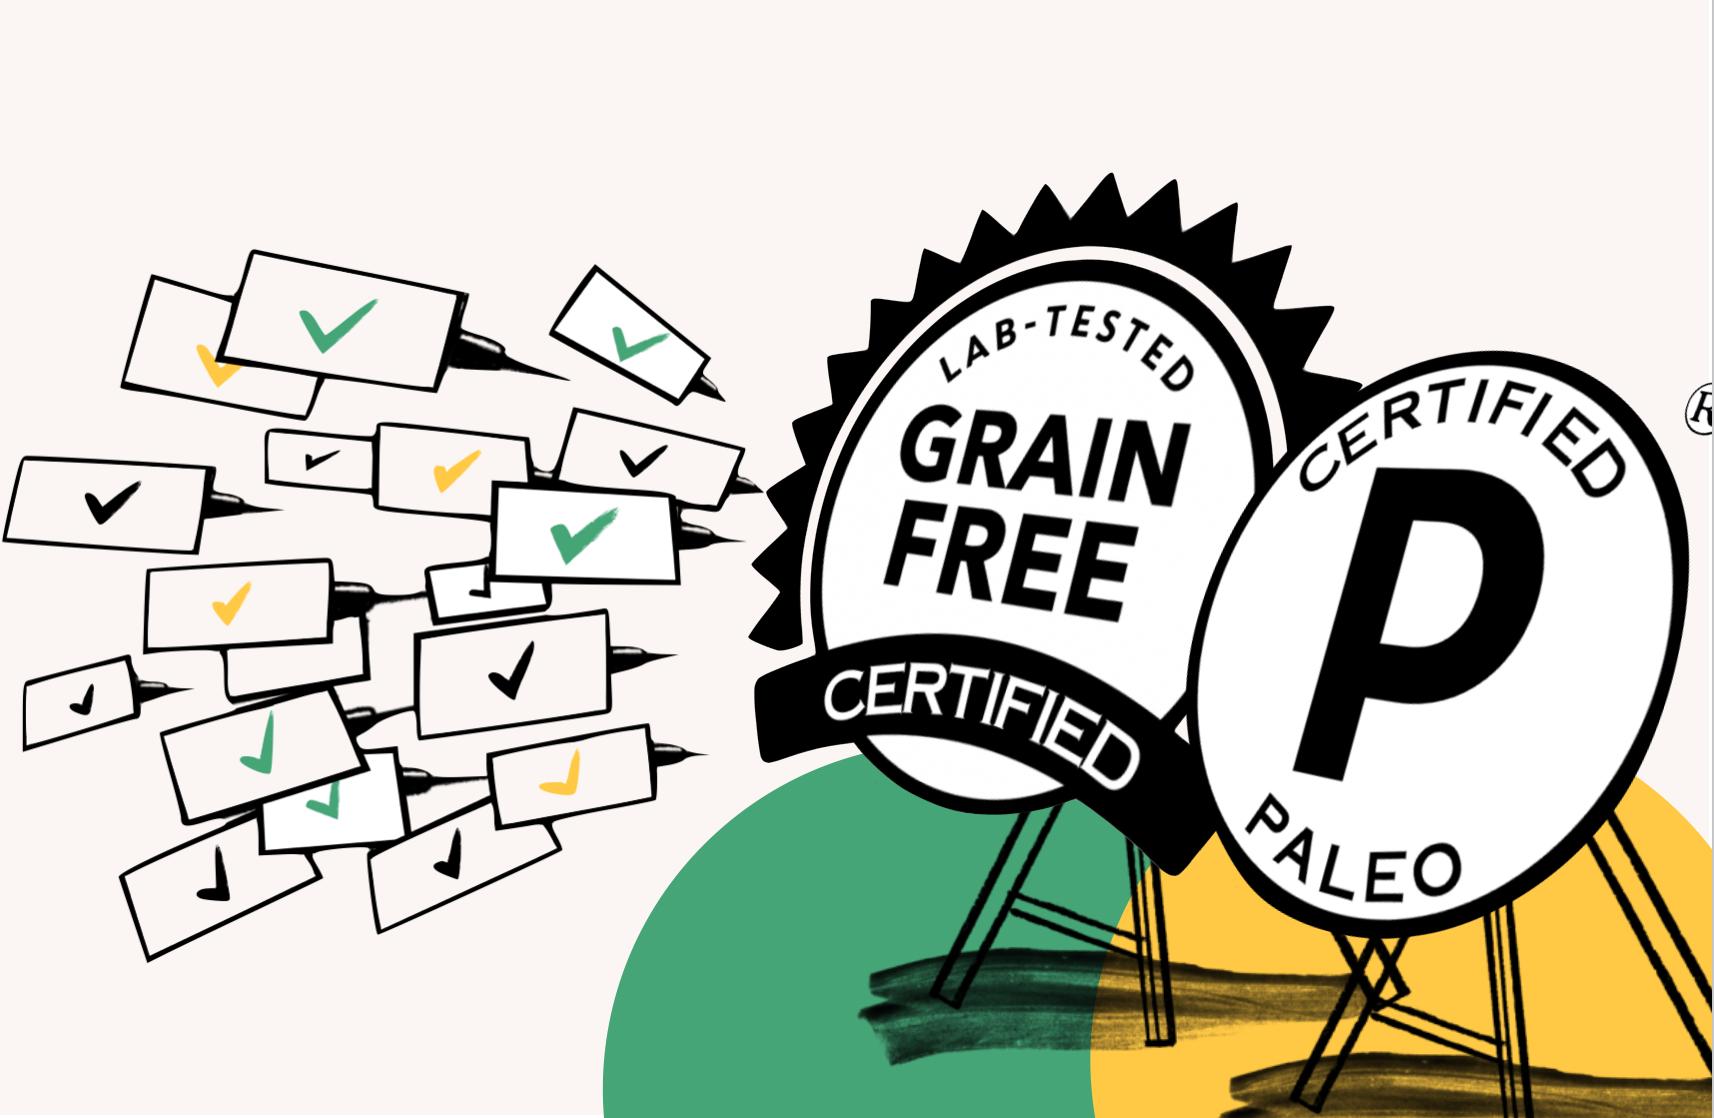 Certified Paleo + Grain Free Certification